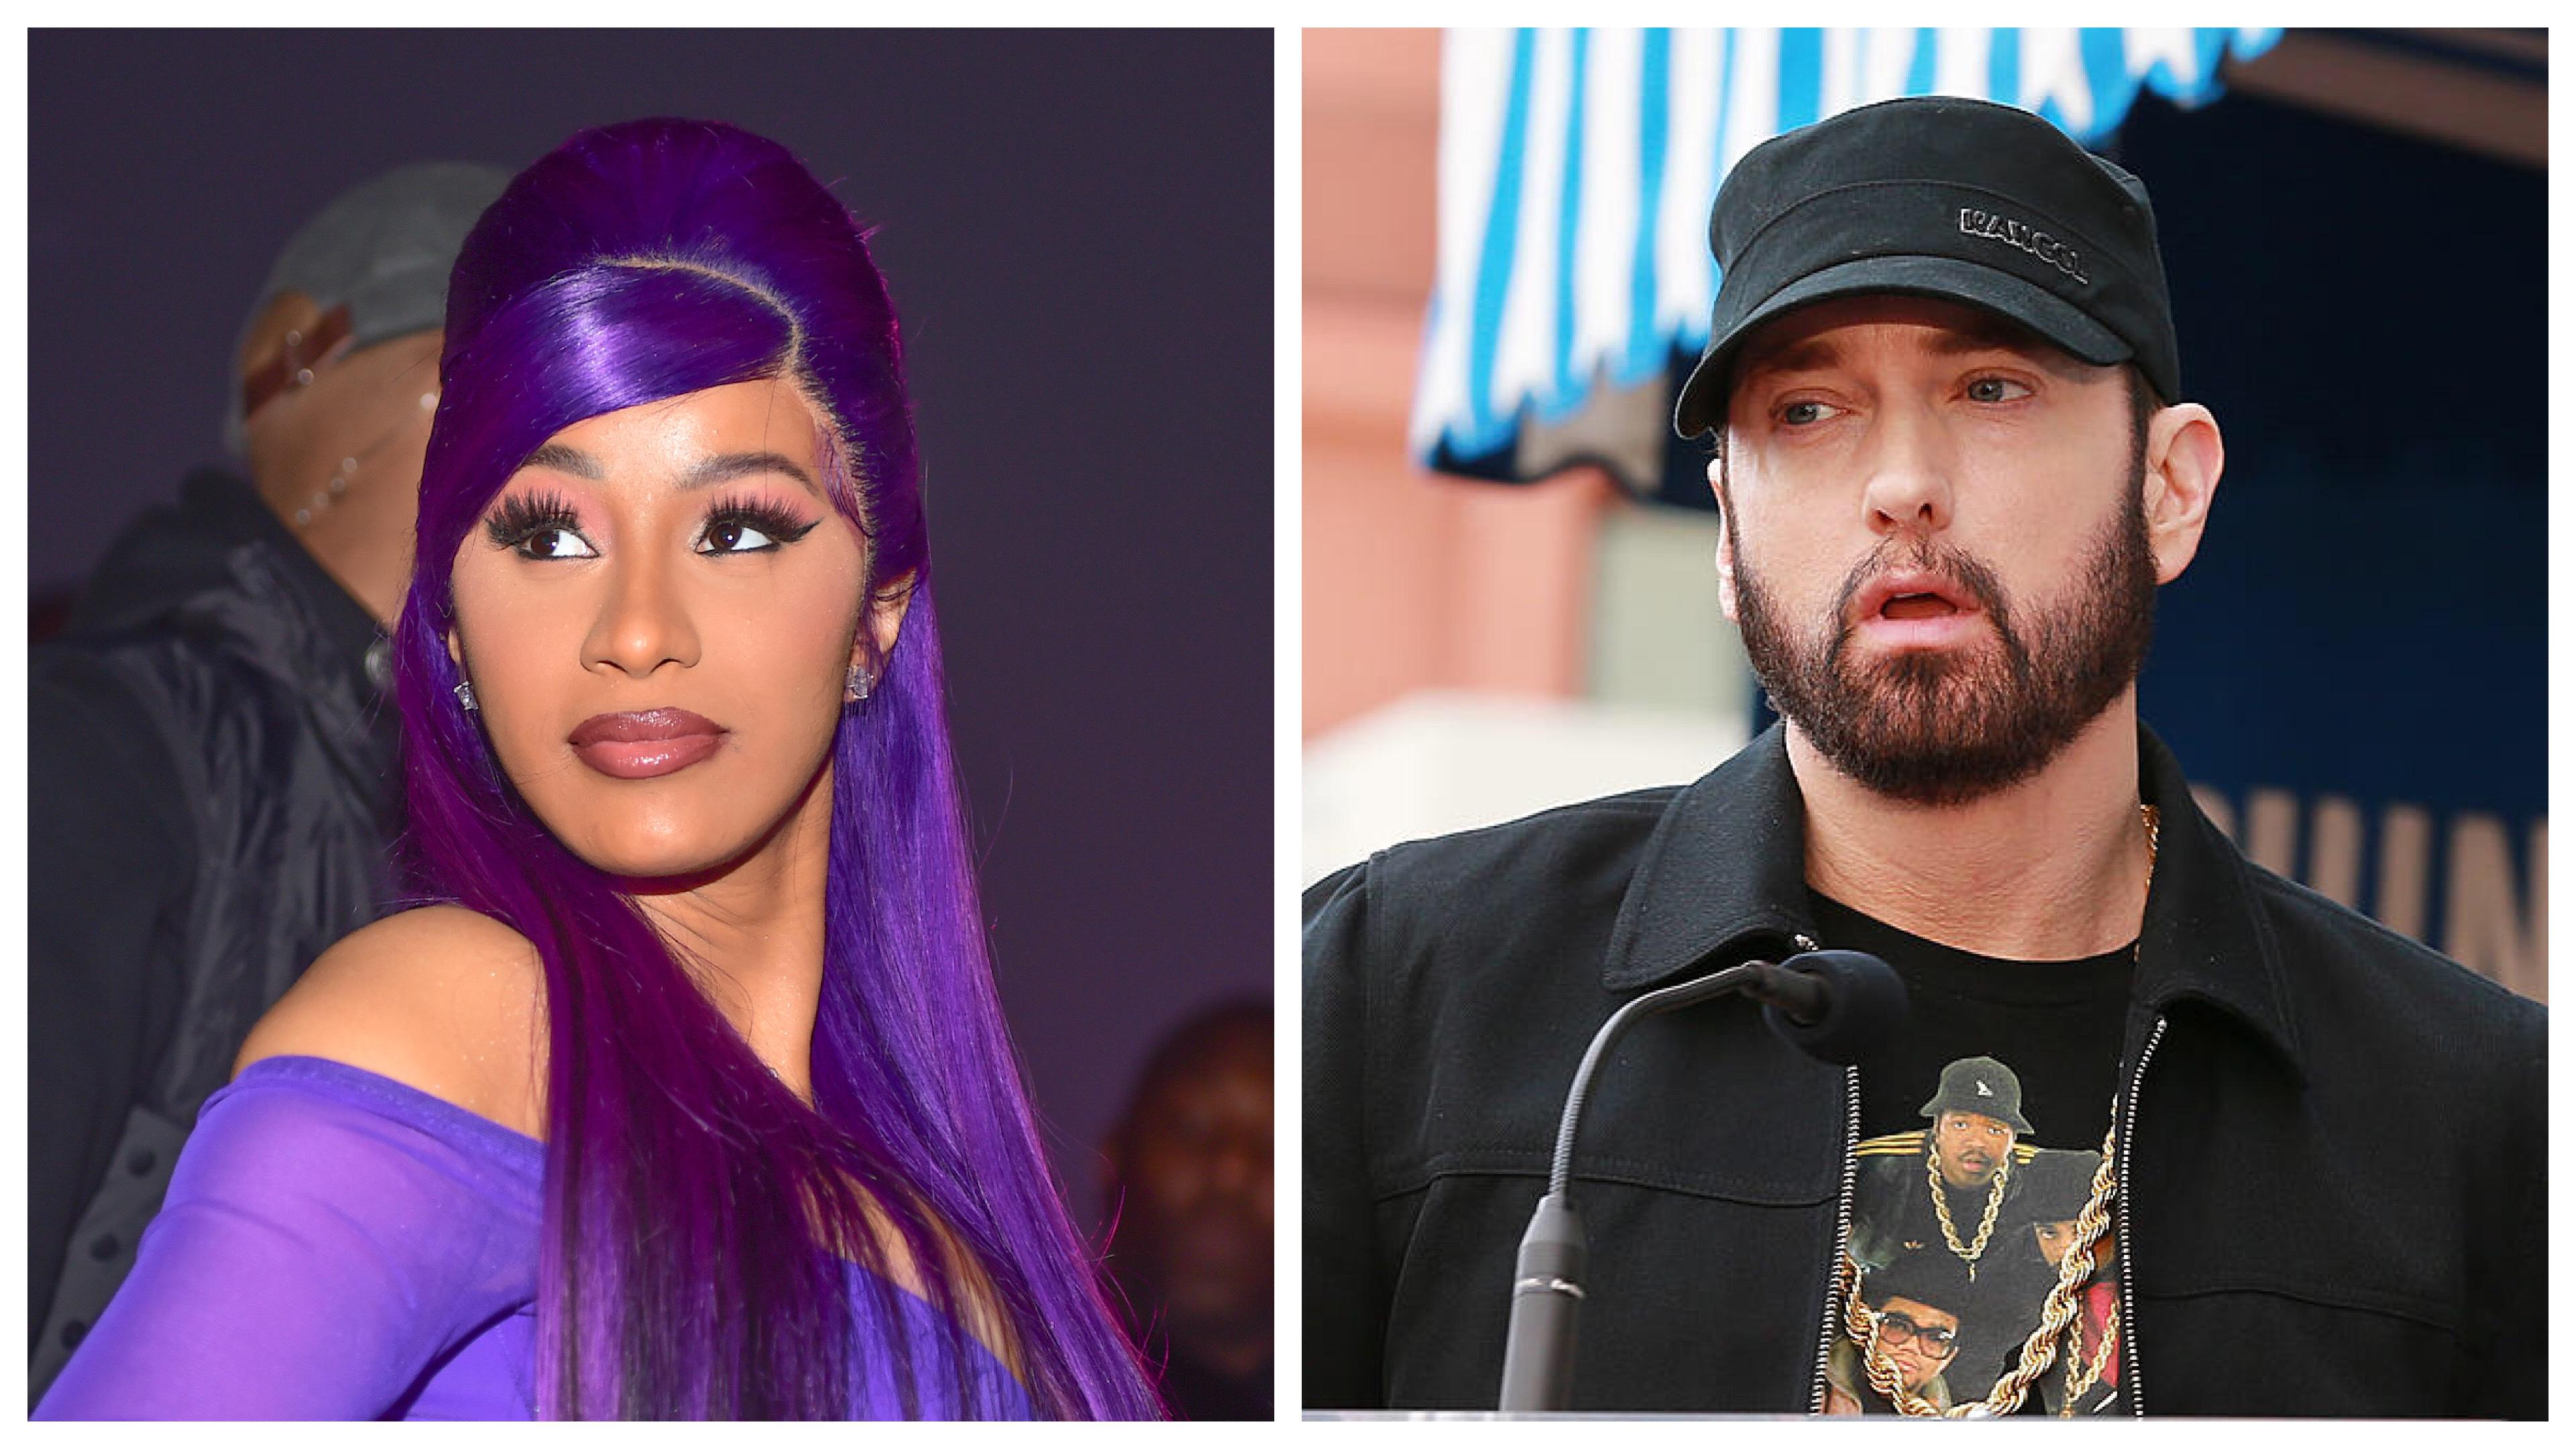 Cardi B and Eminem